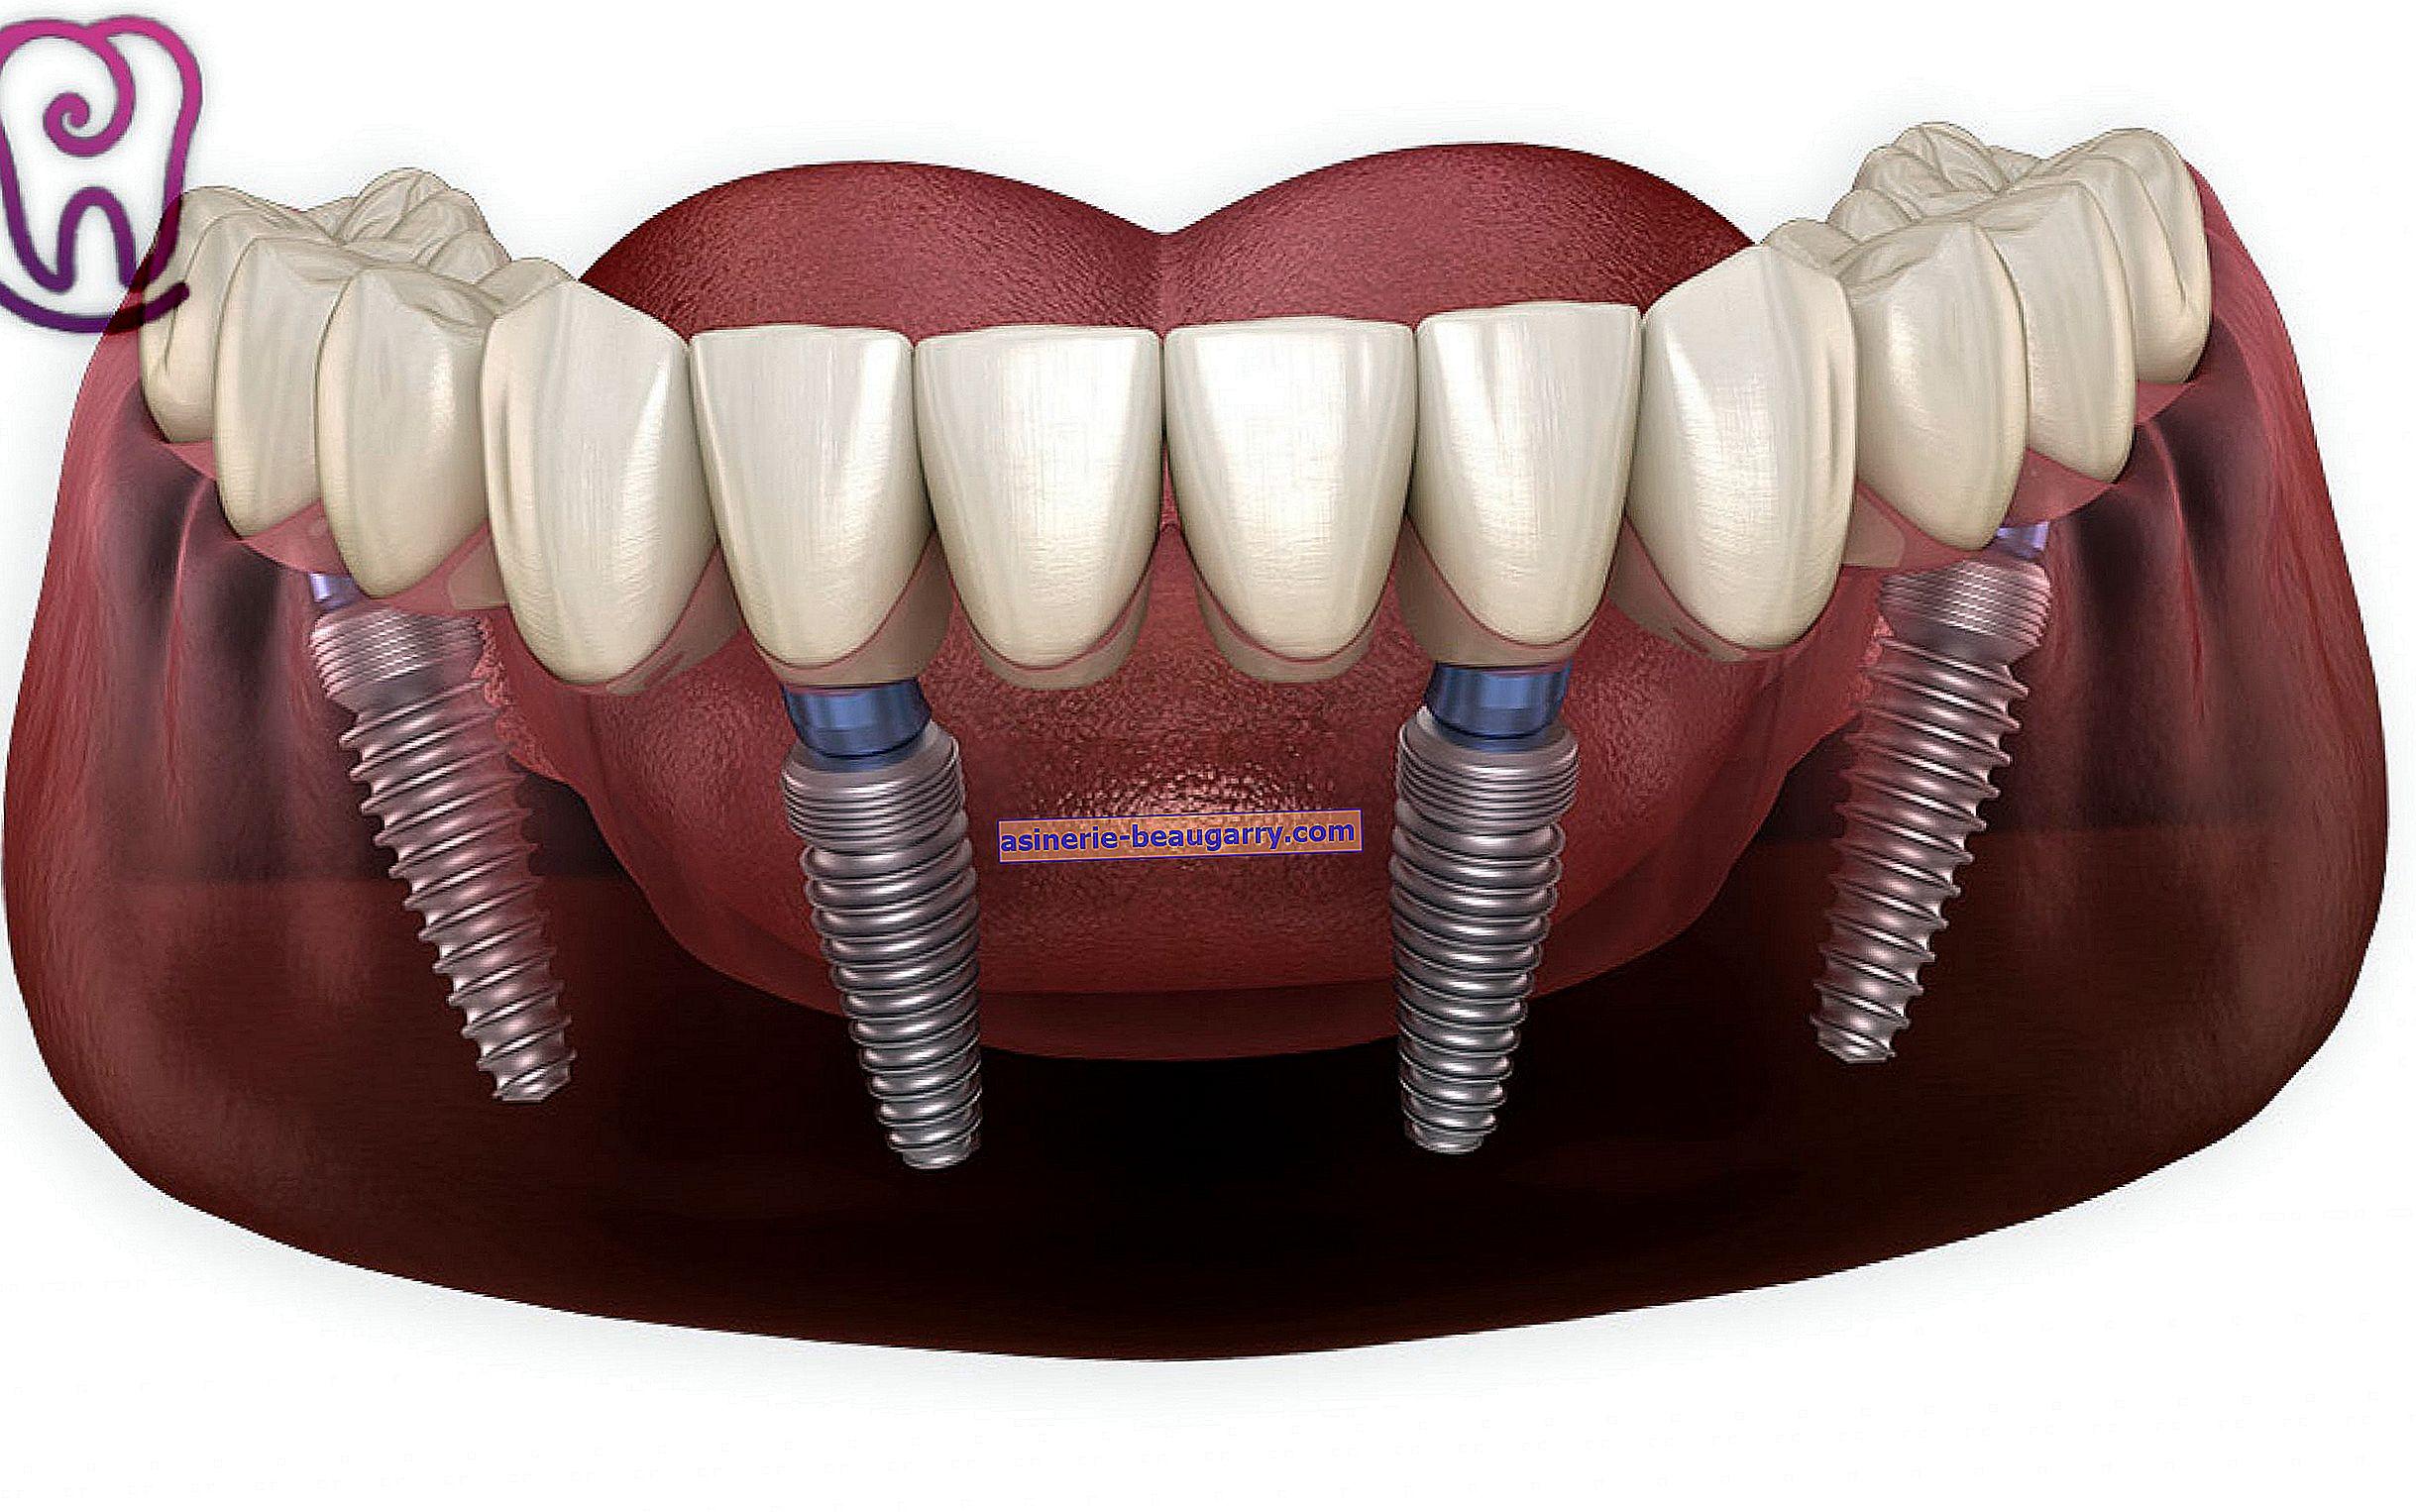 Qu'est-ce que le traitement implantaire?